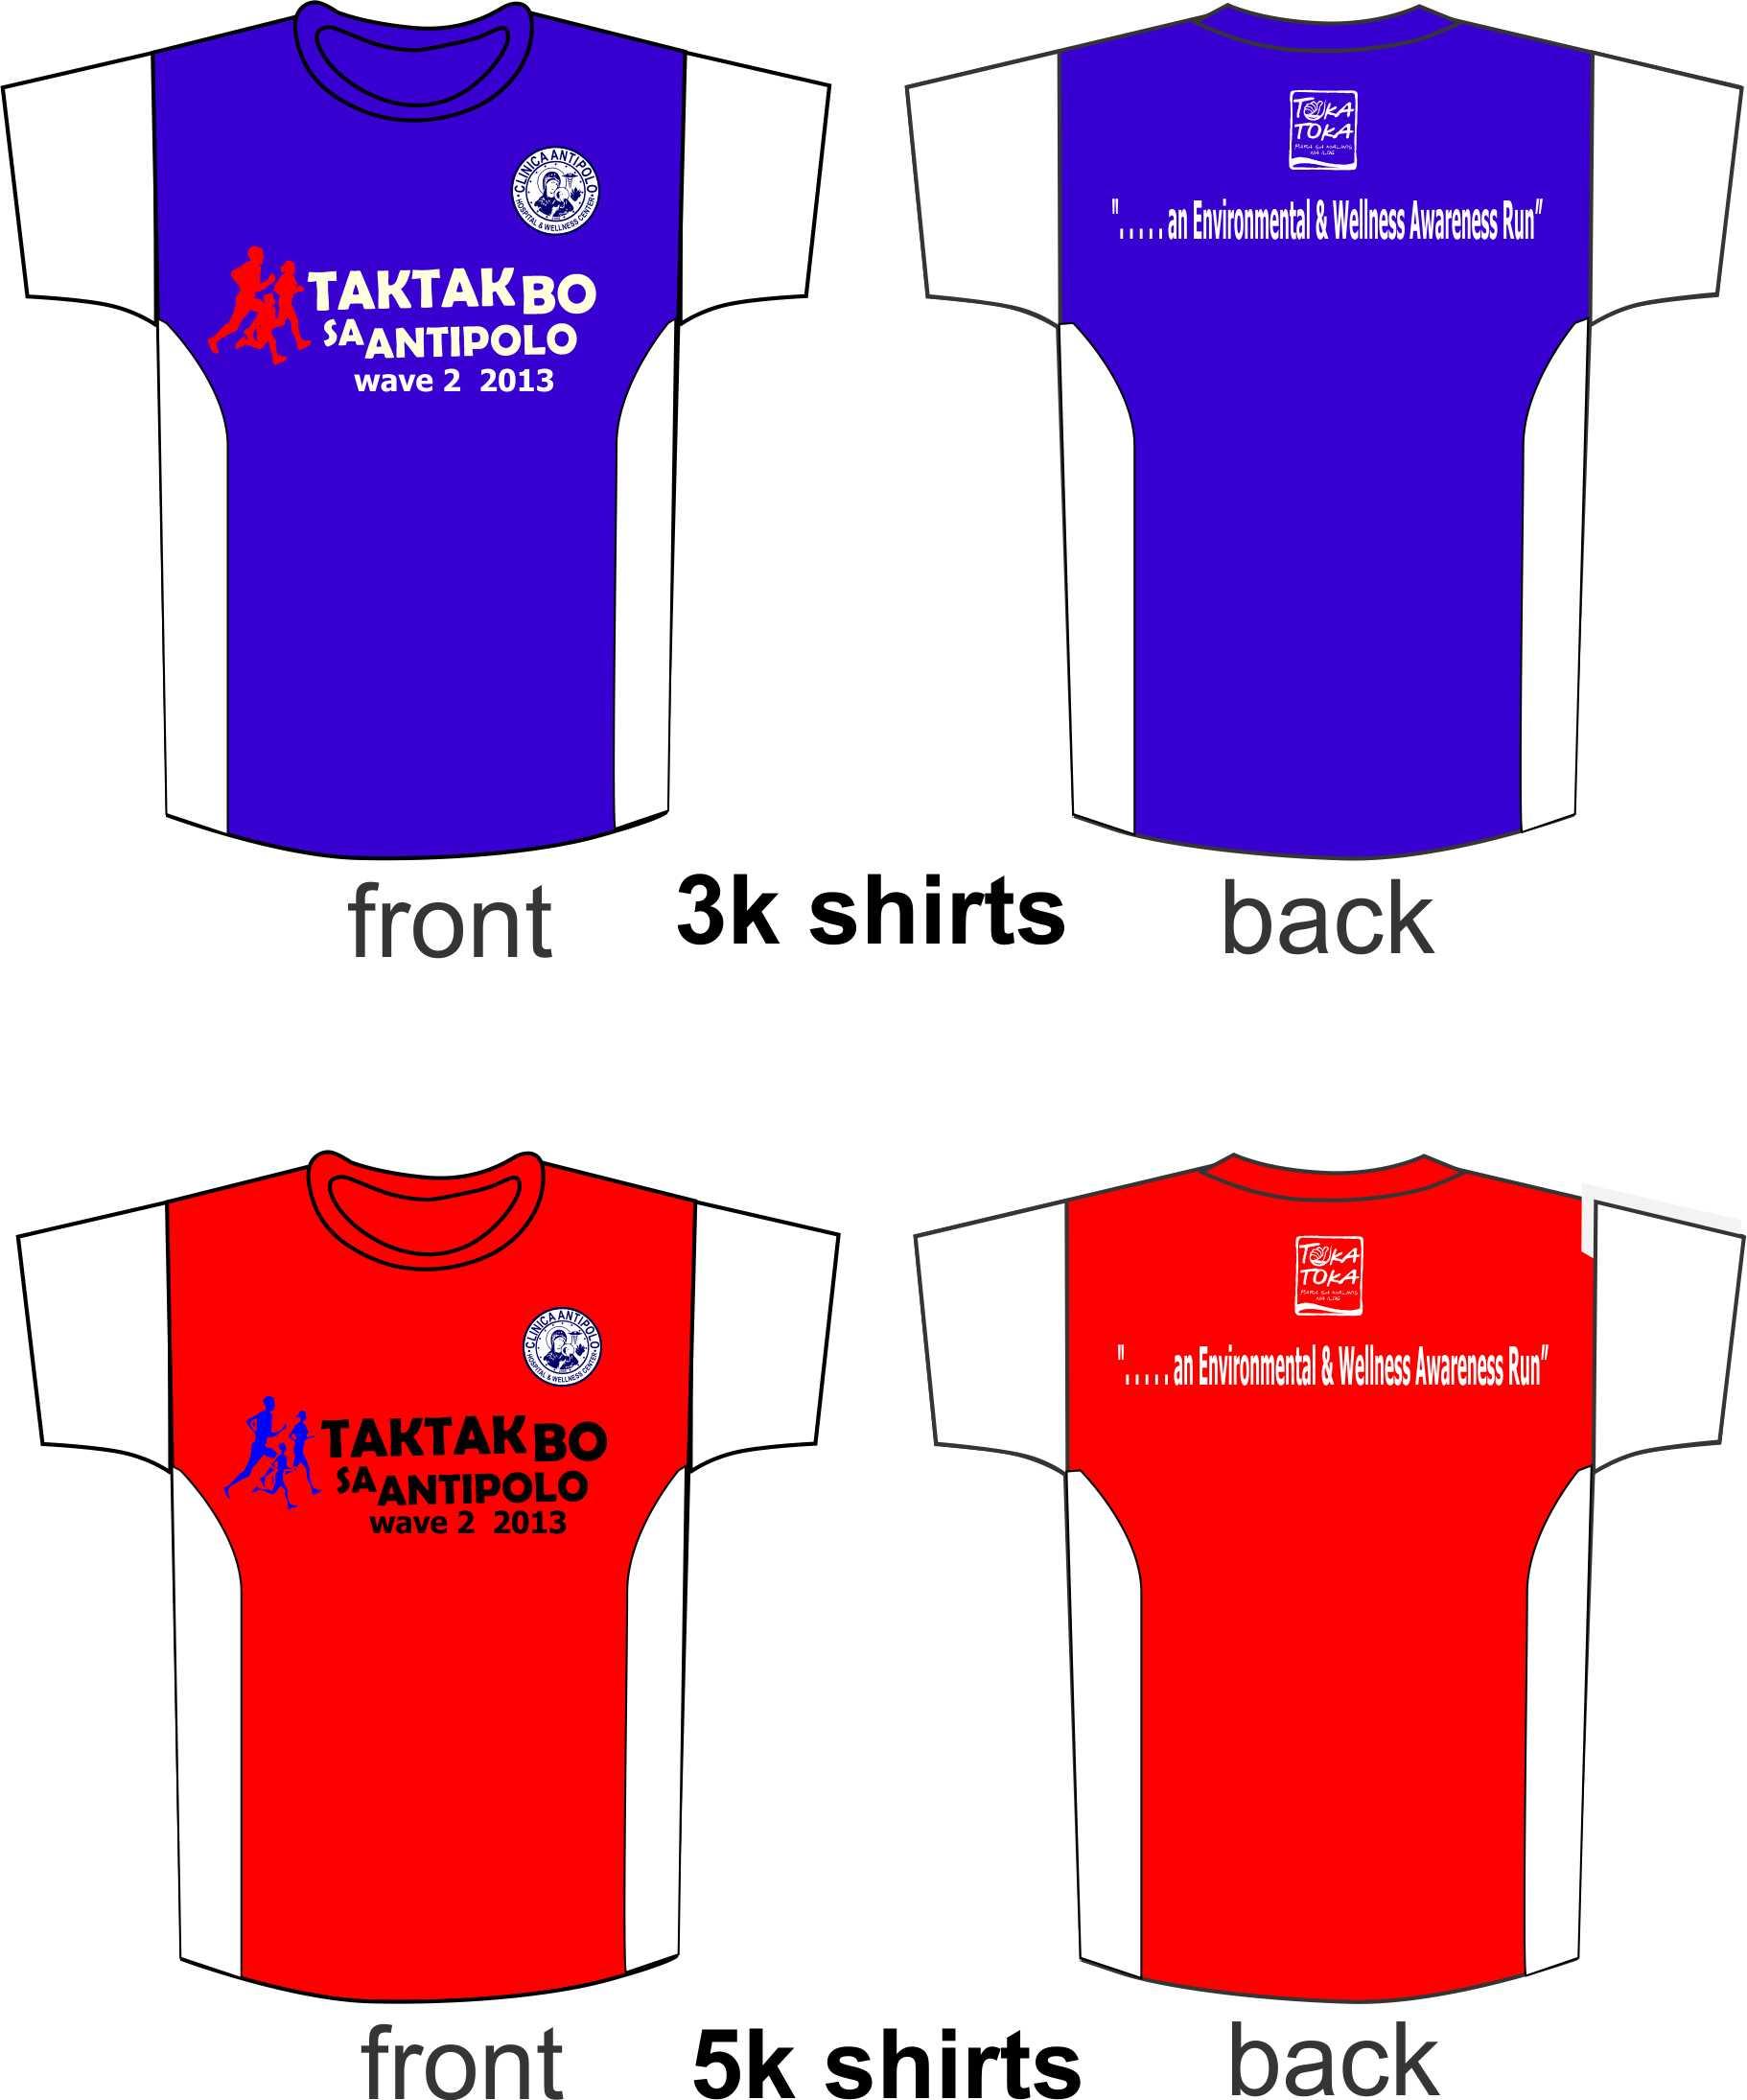 taktakbo-sa-antipolo-2-2013-shirt-design